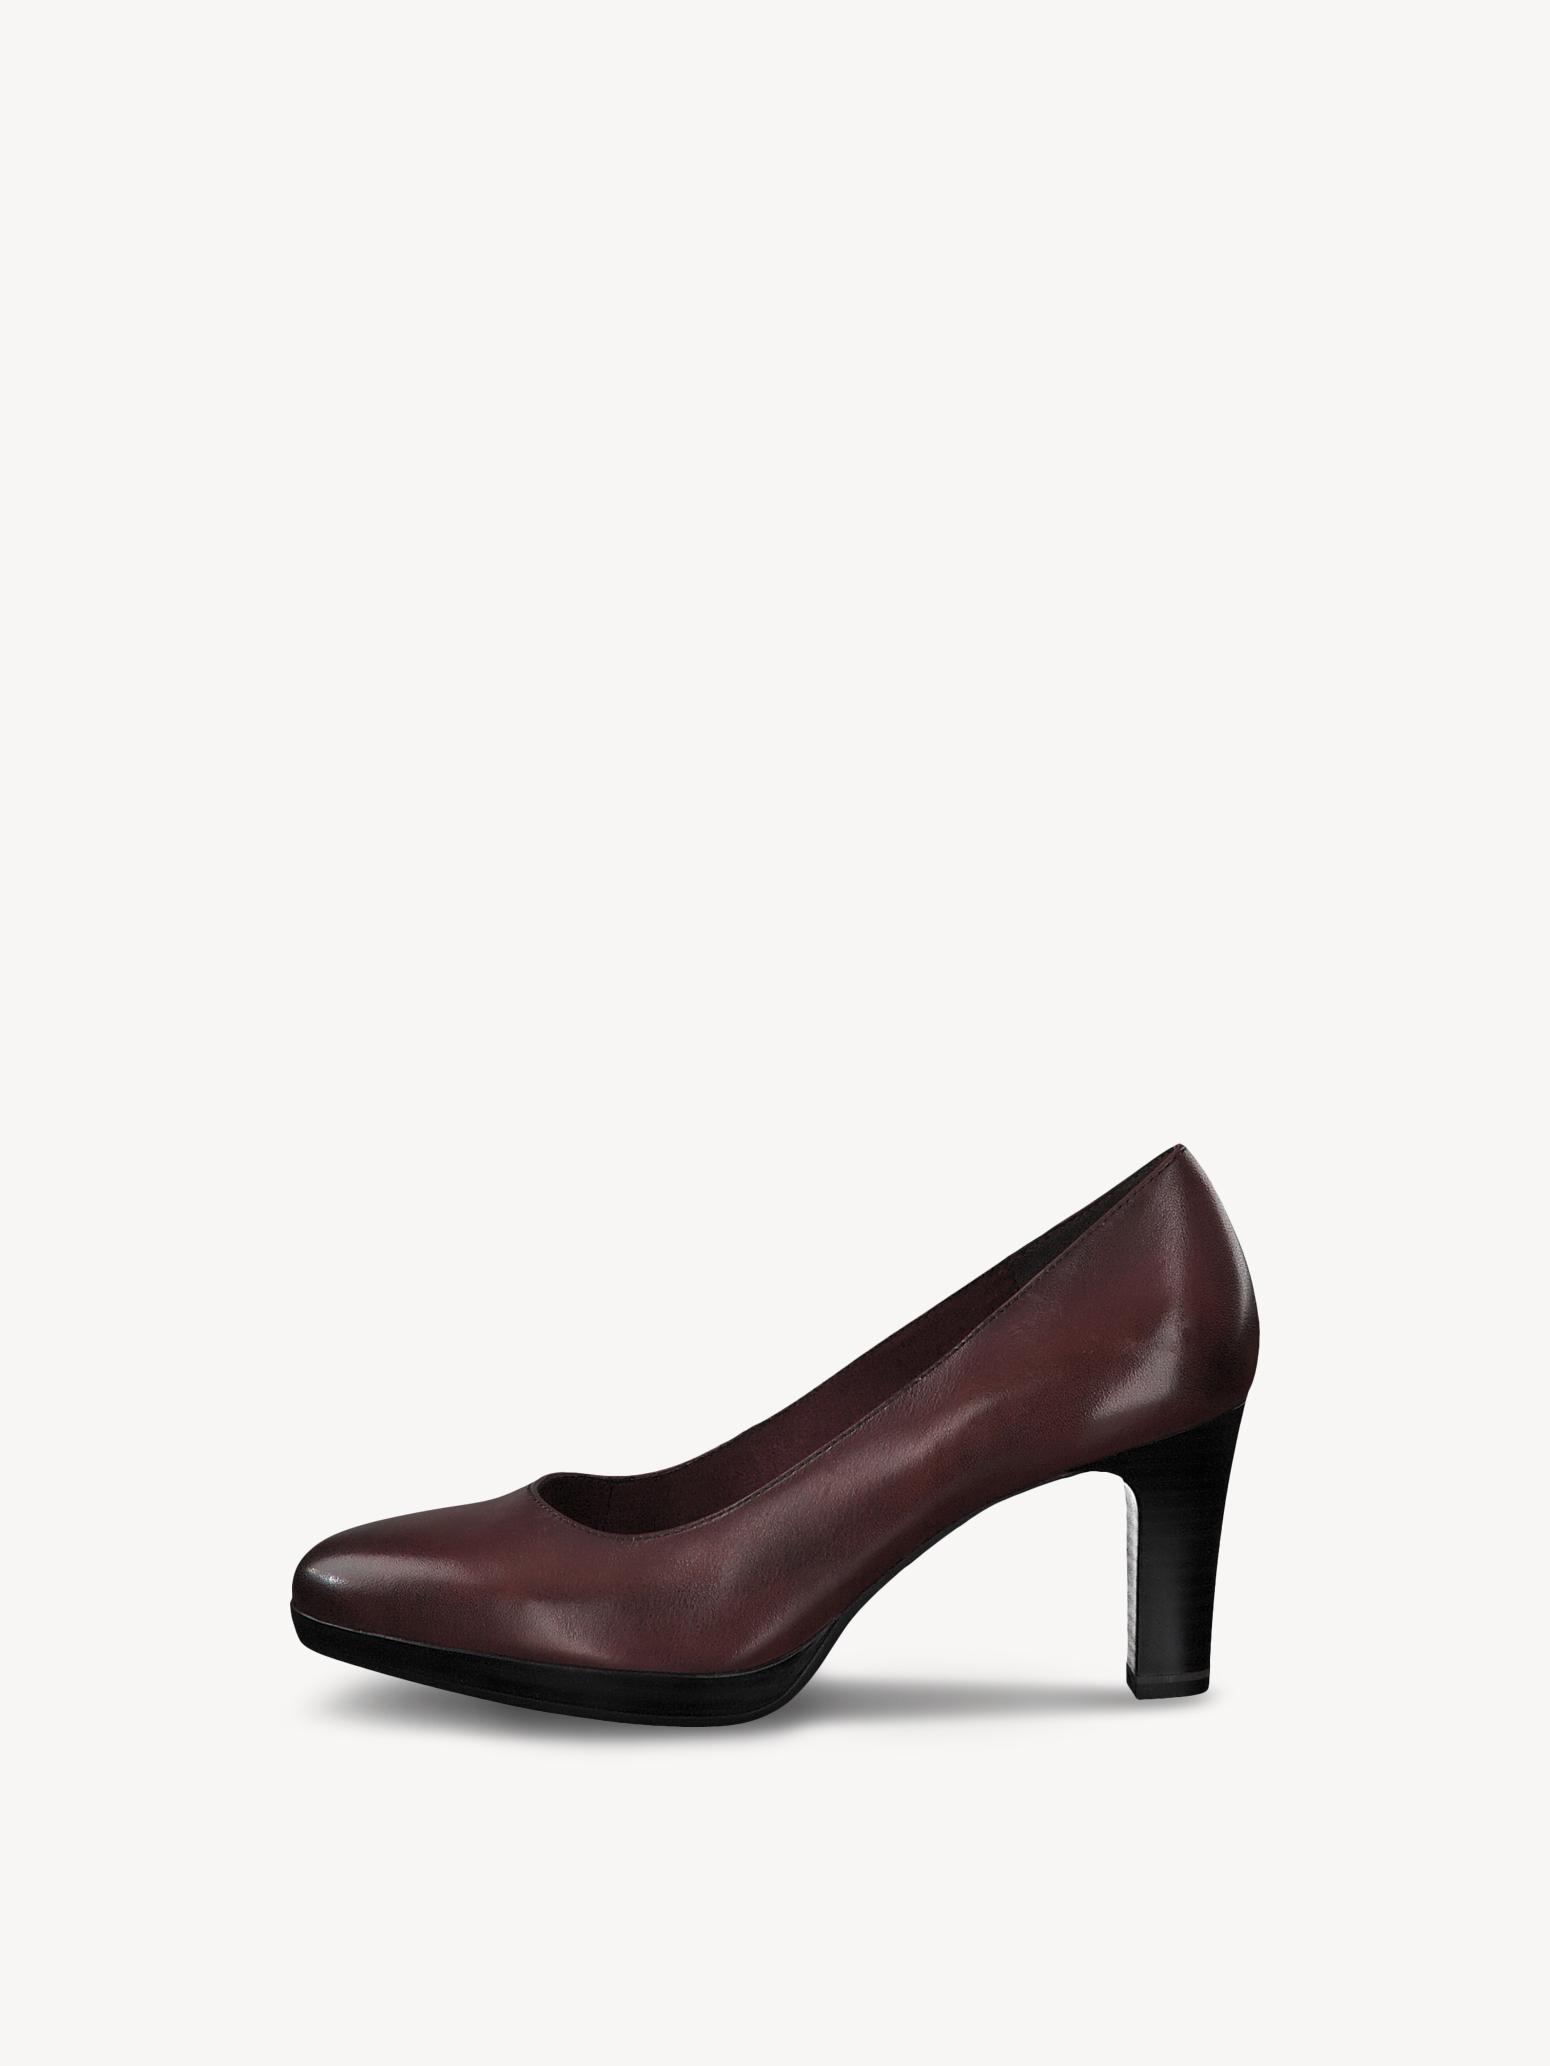 Tamaris Damenschuhe in Größe EUR 35 günstig kaufen | eBay